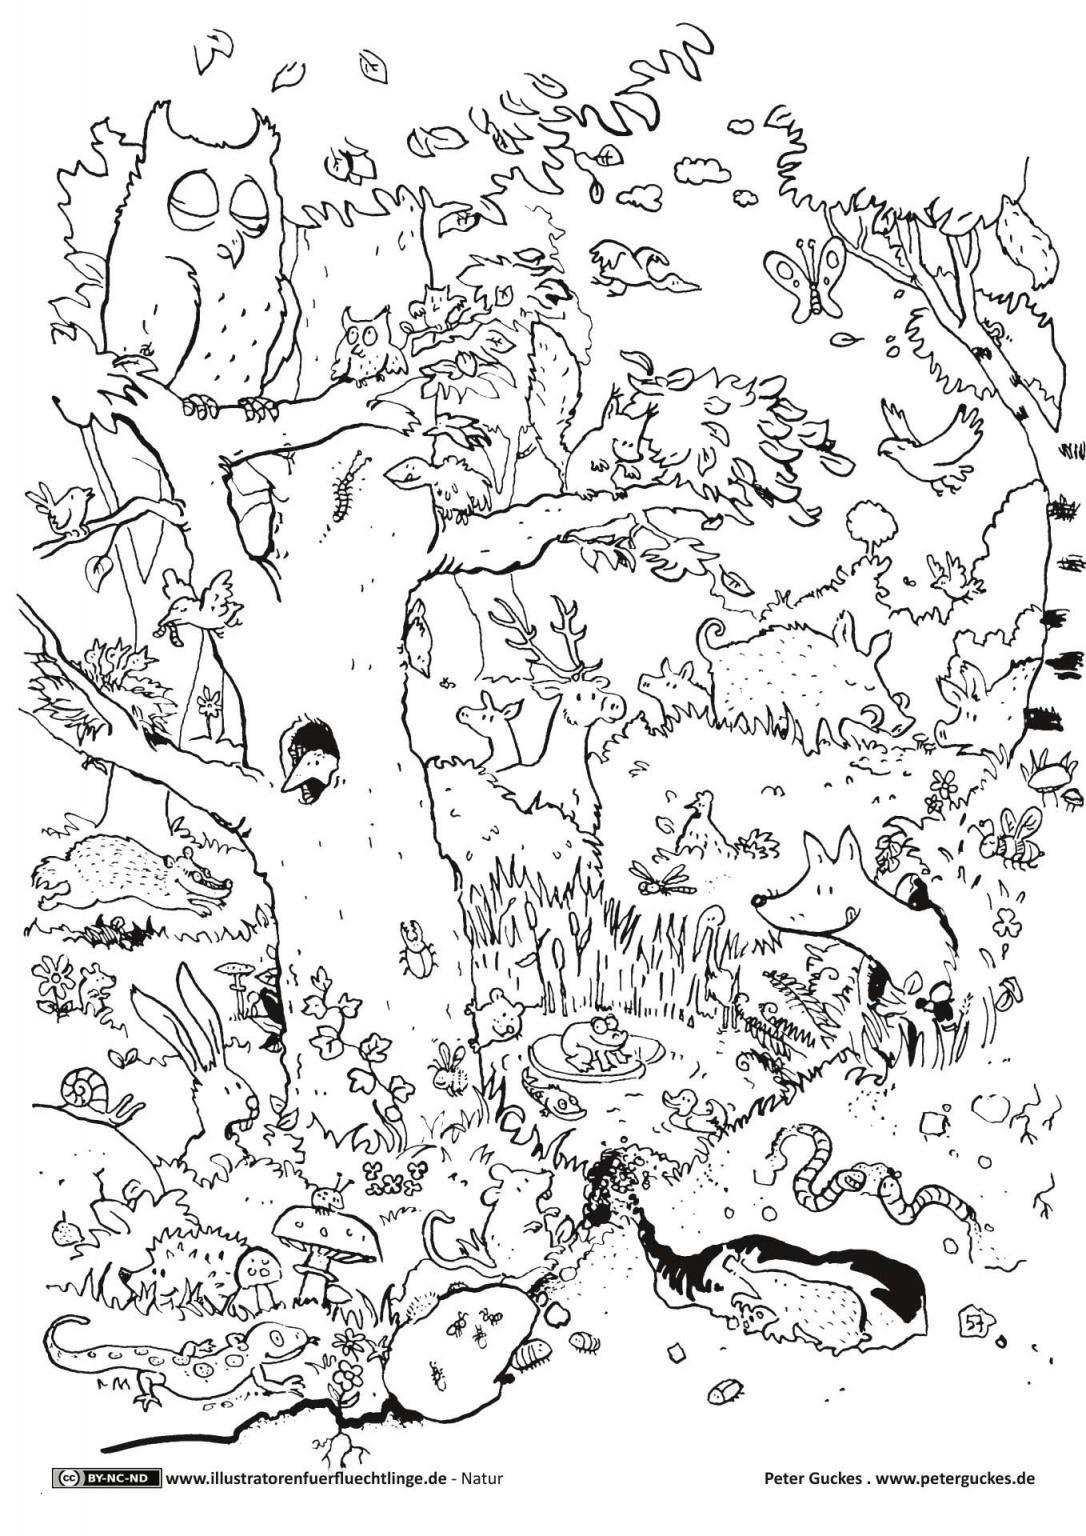 Ausmalbilder Minni Maus Inspirierend 40 Ausmalbilder Herbst Igel Scoredatscore Frisch Ausmalbilder Mini Bild